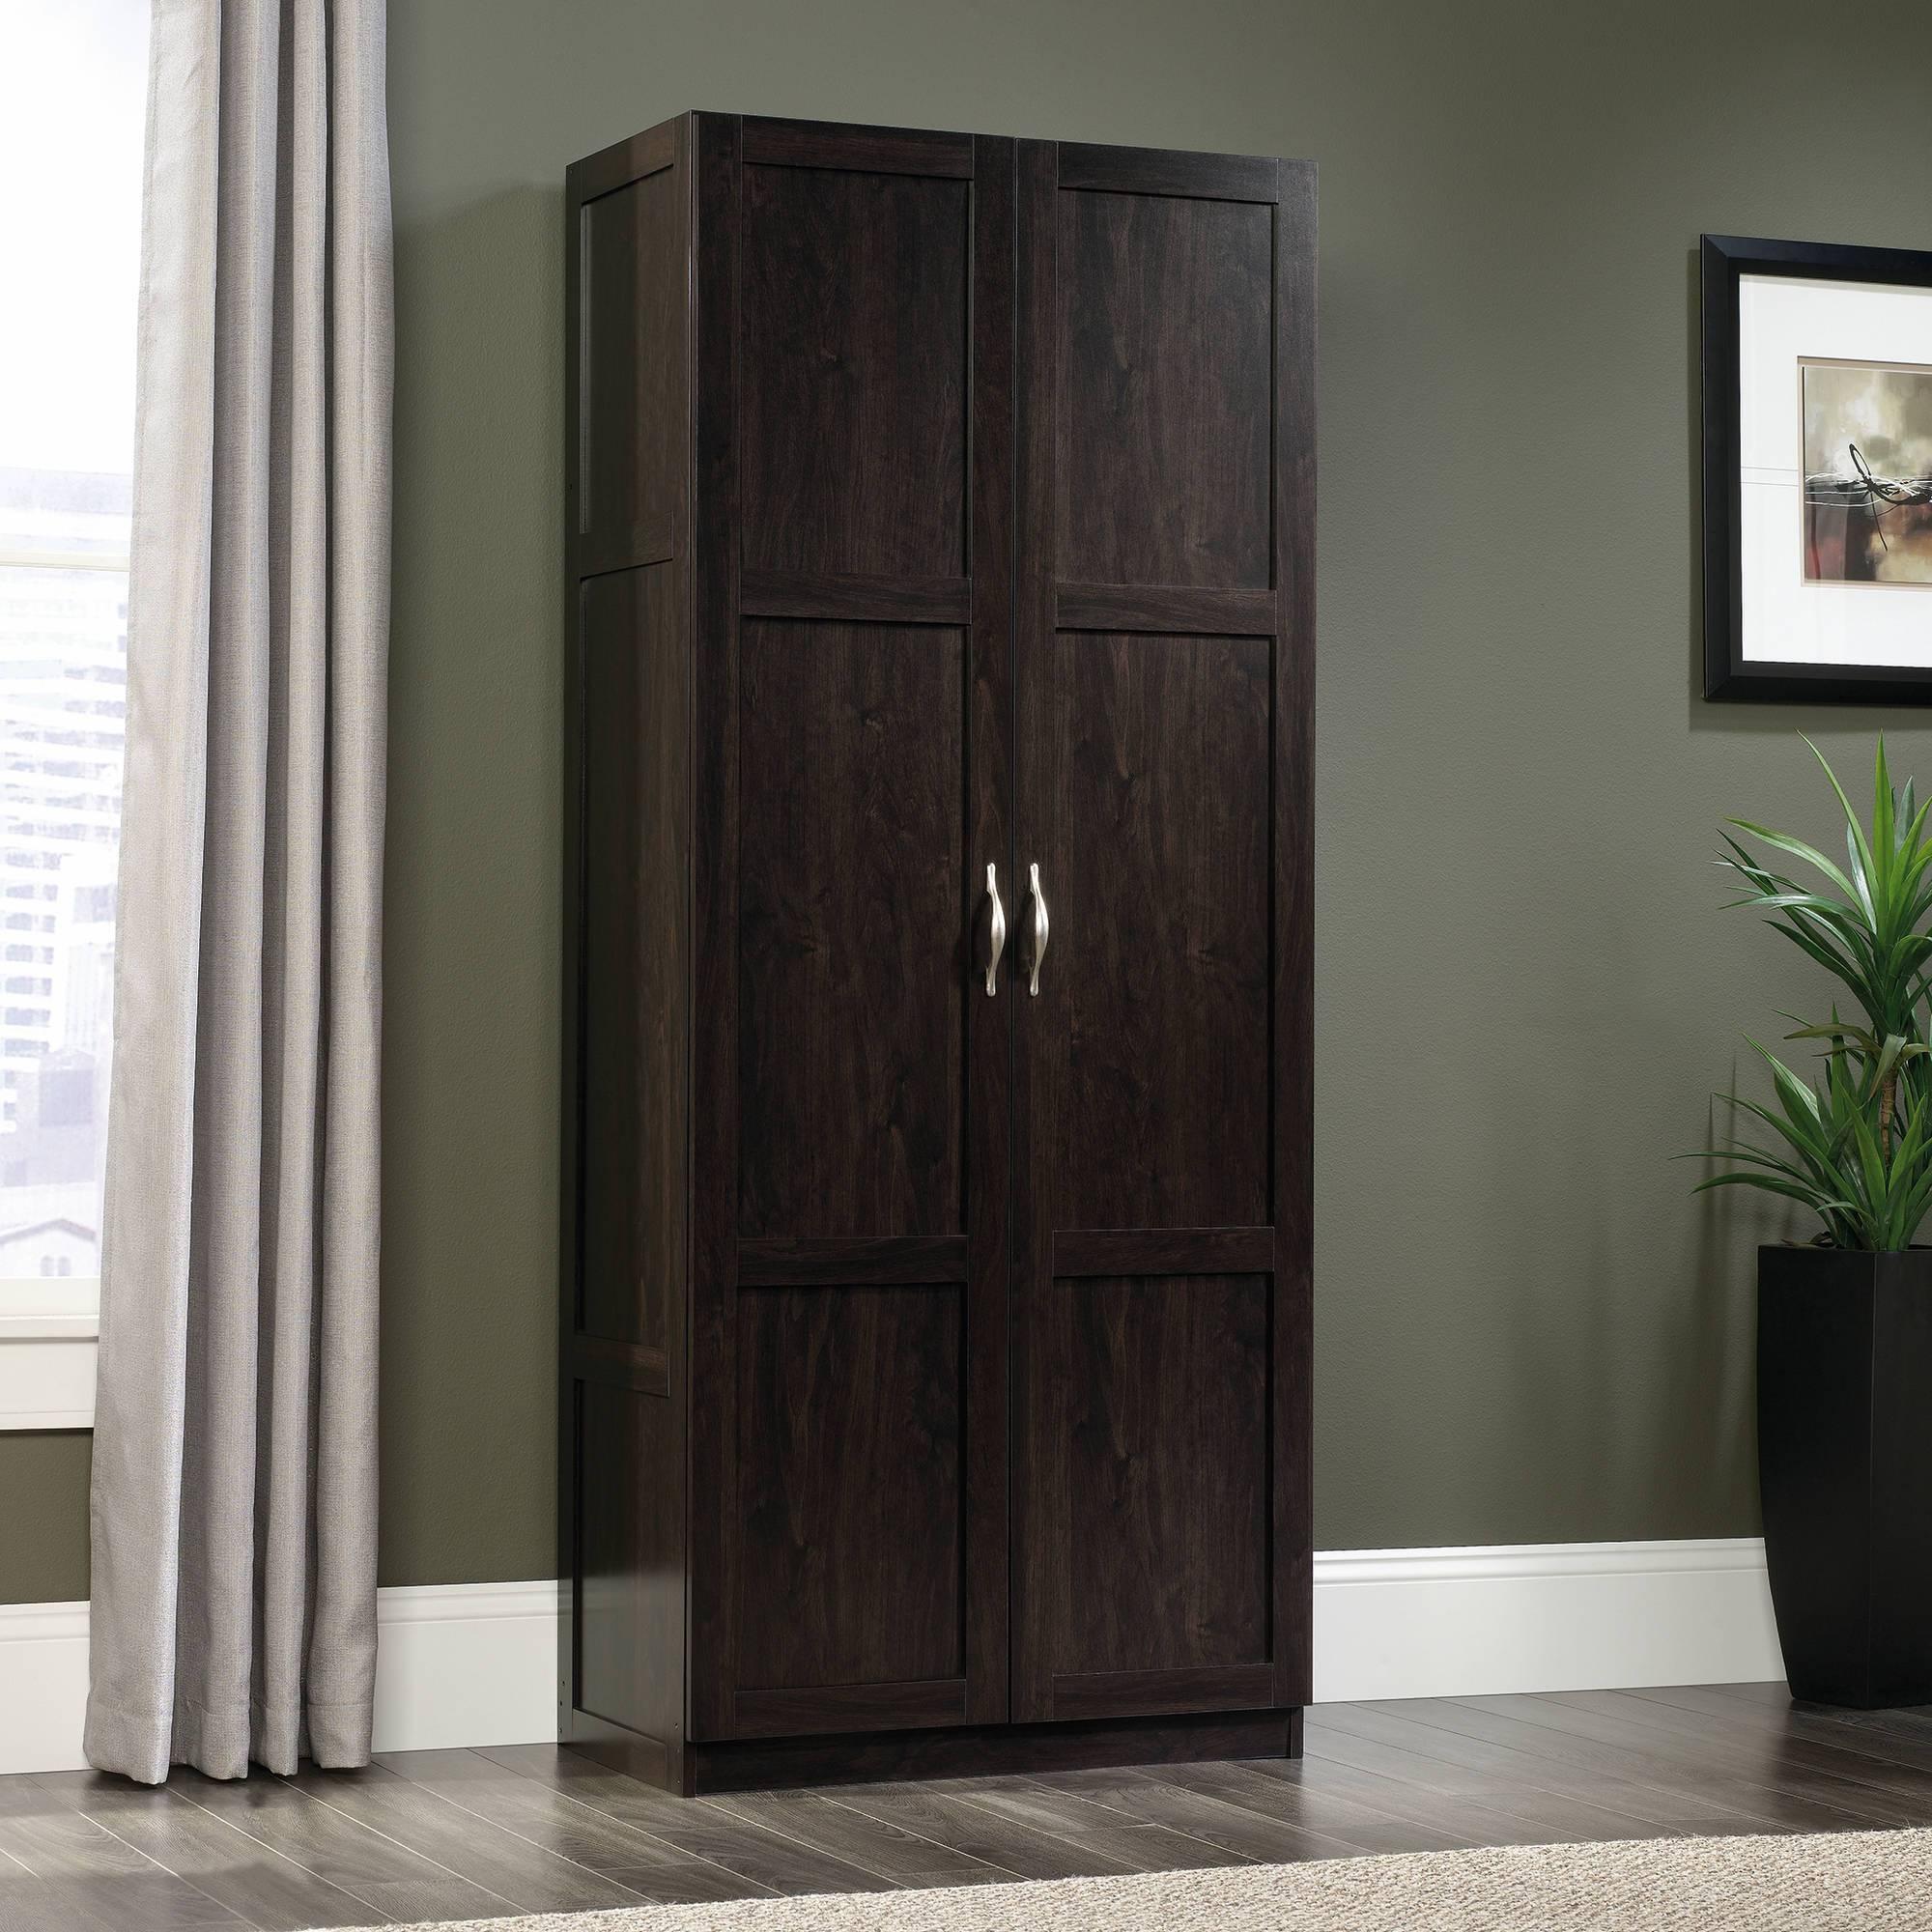 Sauder Storage Cabinet Dark Wood Finish – Walmart Pertaining To Solid Dark Wood Wardrobes (View 19 of 30)